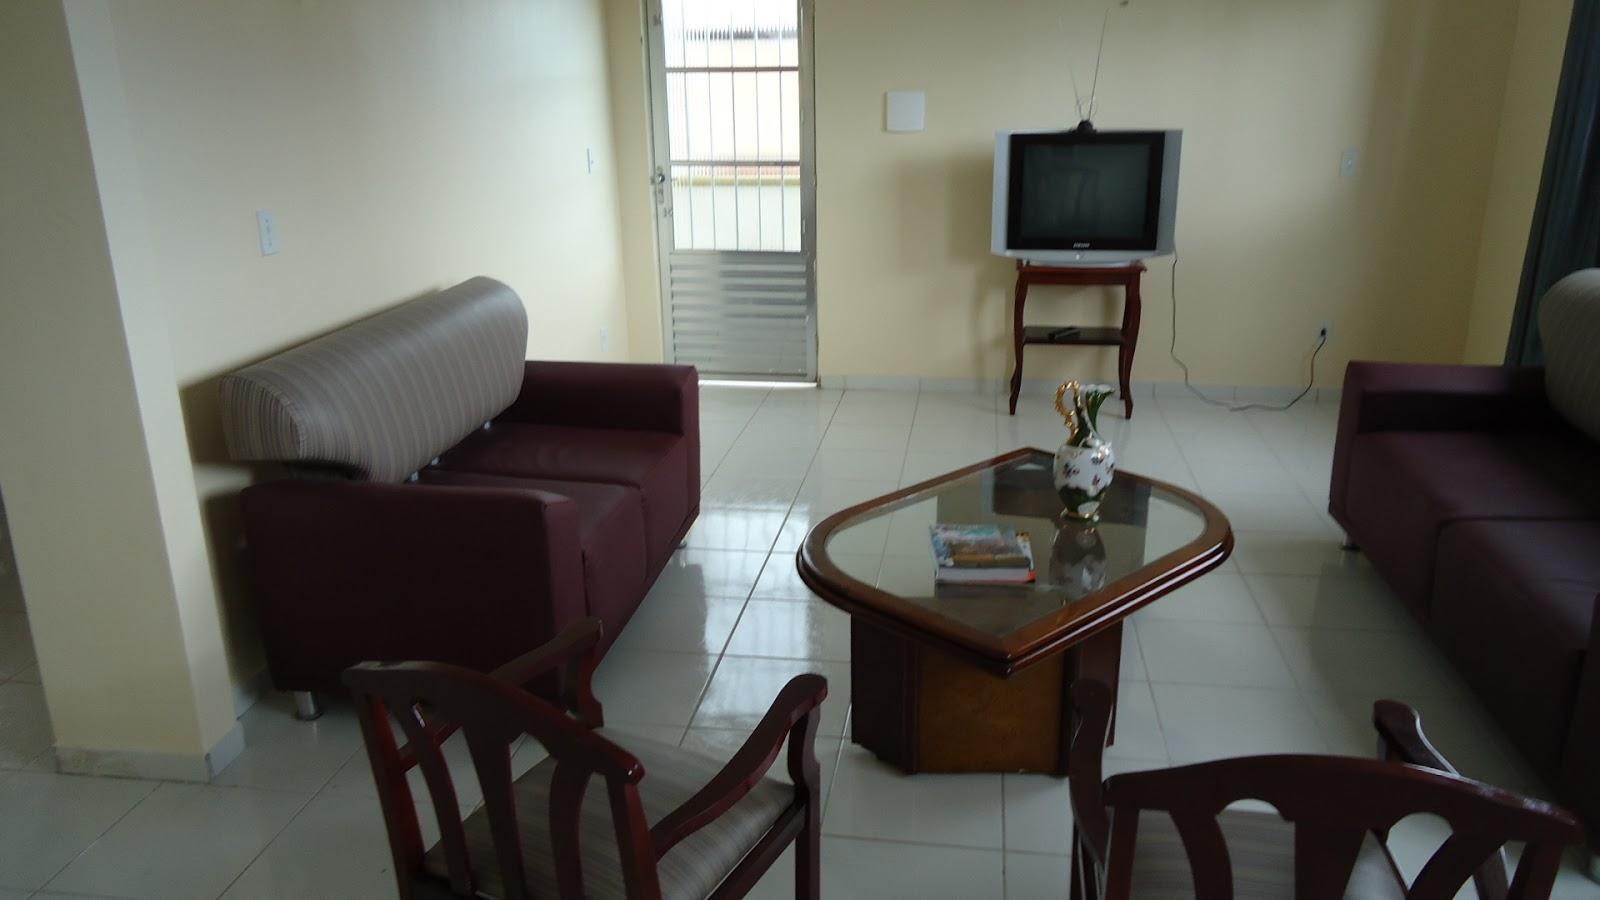 Outro ângulo da sala de estar do pensionato lar das meninax - Fortaleza-CE